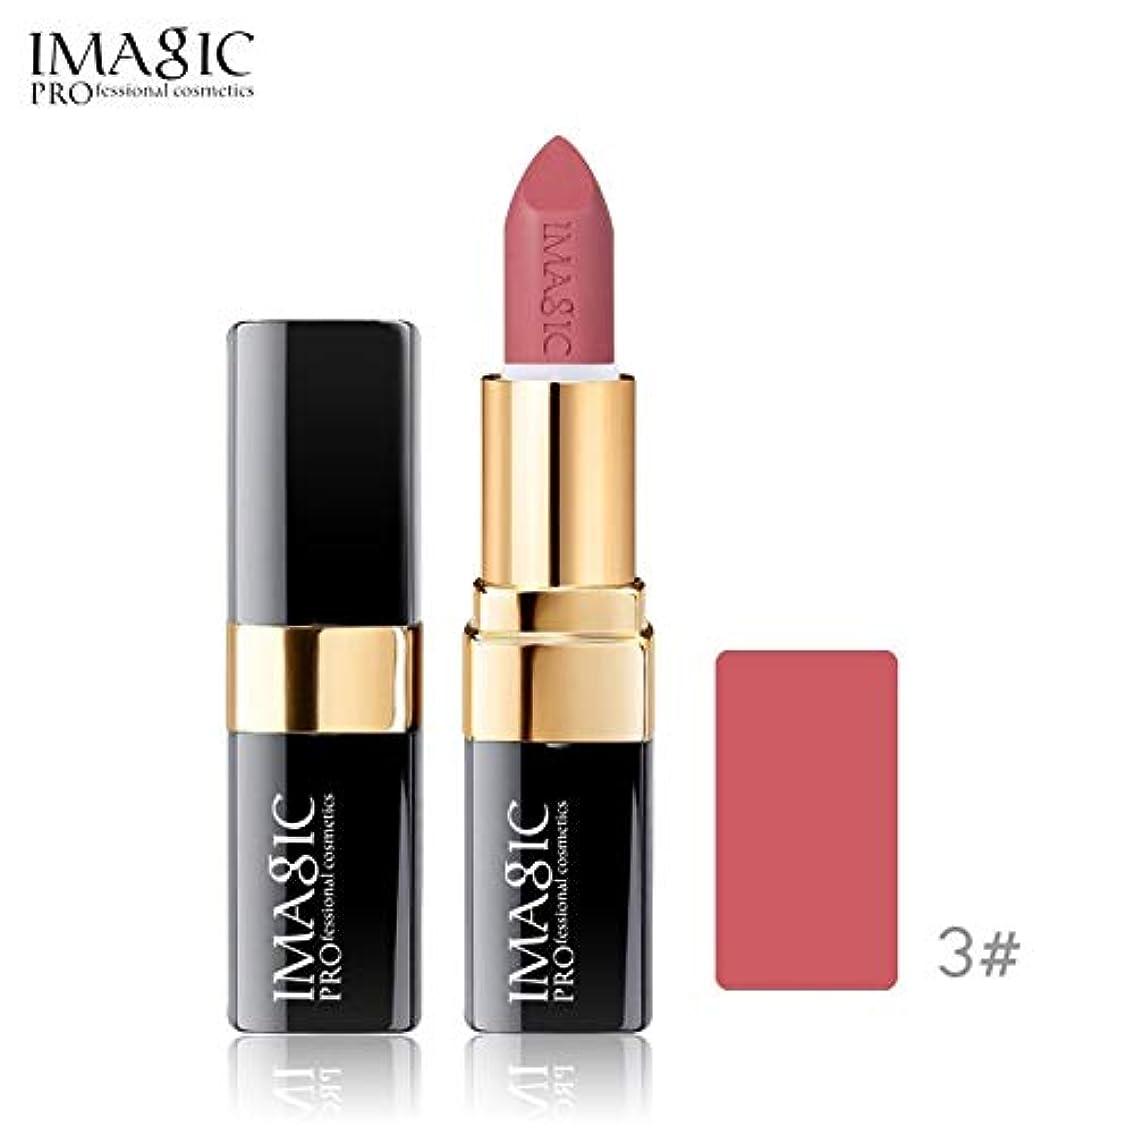 歴史的肥沃な戸惑うNOTEイマジック12色口紅モイスチャライザー唇滑らかに染めないでリップスティック長持ち化粧品美容メイクアップ化粧品